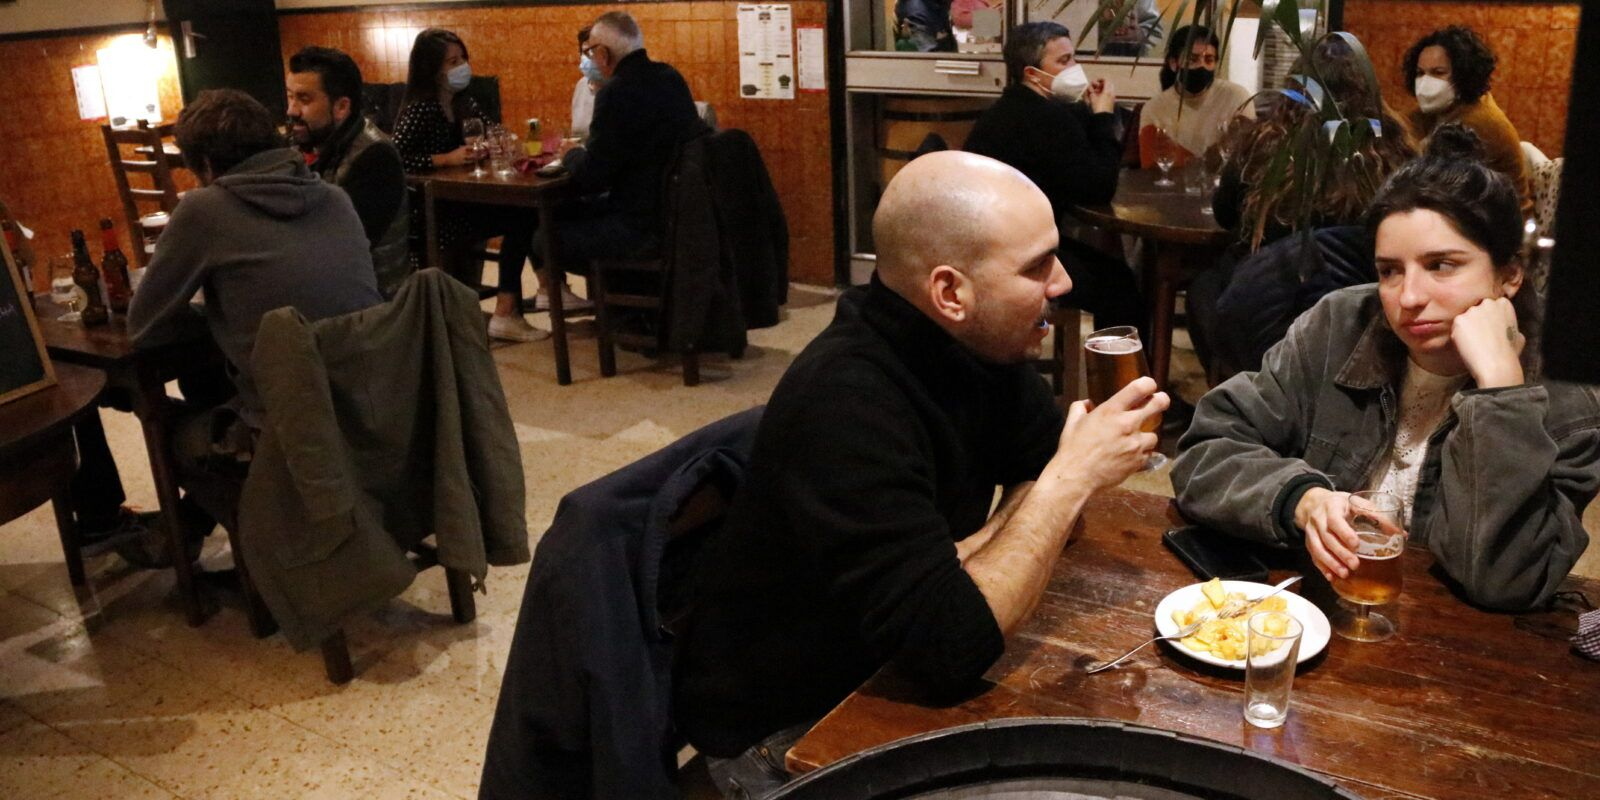 Gent sopant al restaurant Casa Pagès   ACN